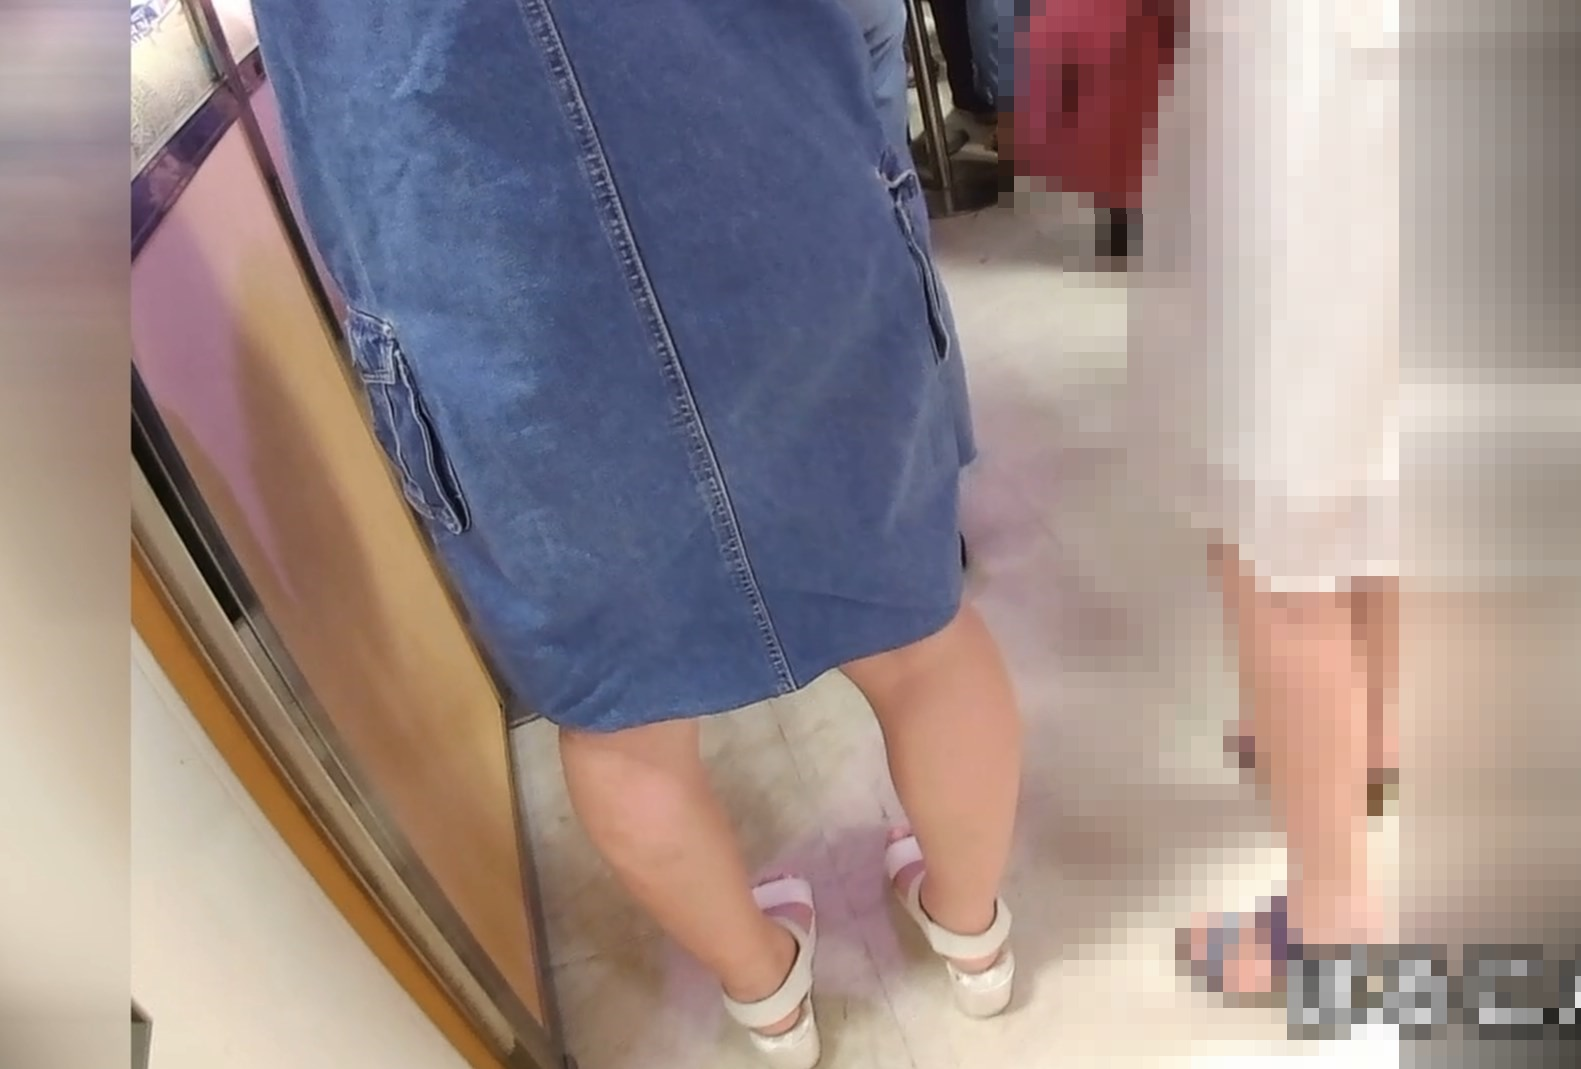 デニムなスカートのお嬢さんたちの白パンツを拝見(No.32)画像つき詳細レビュー